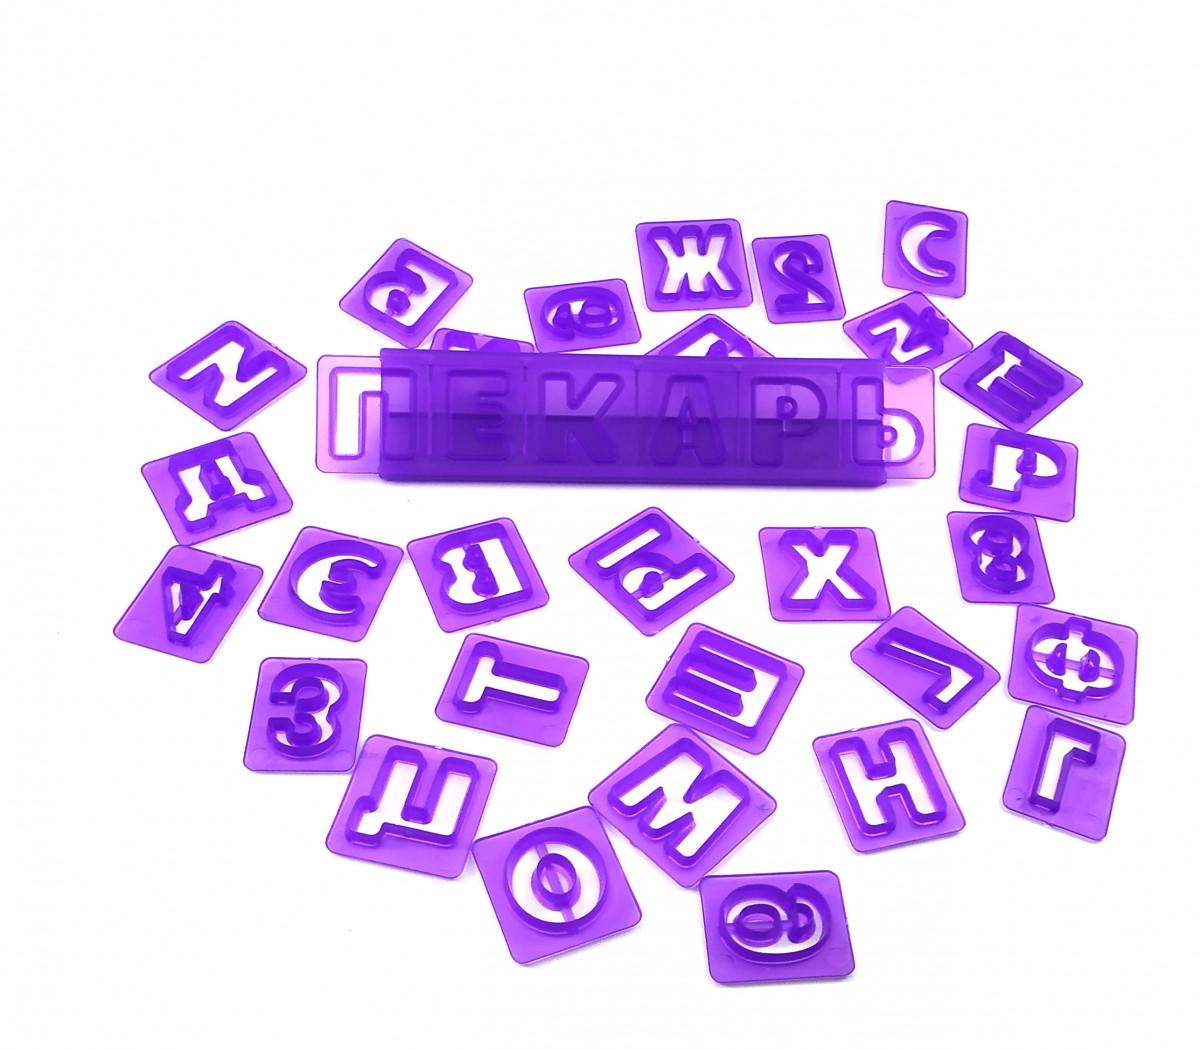 Набор вырубок алфавит + цифры с держателем